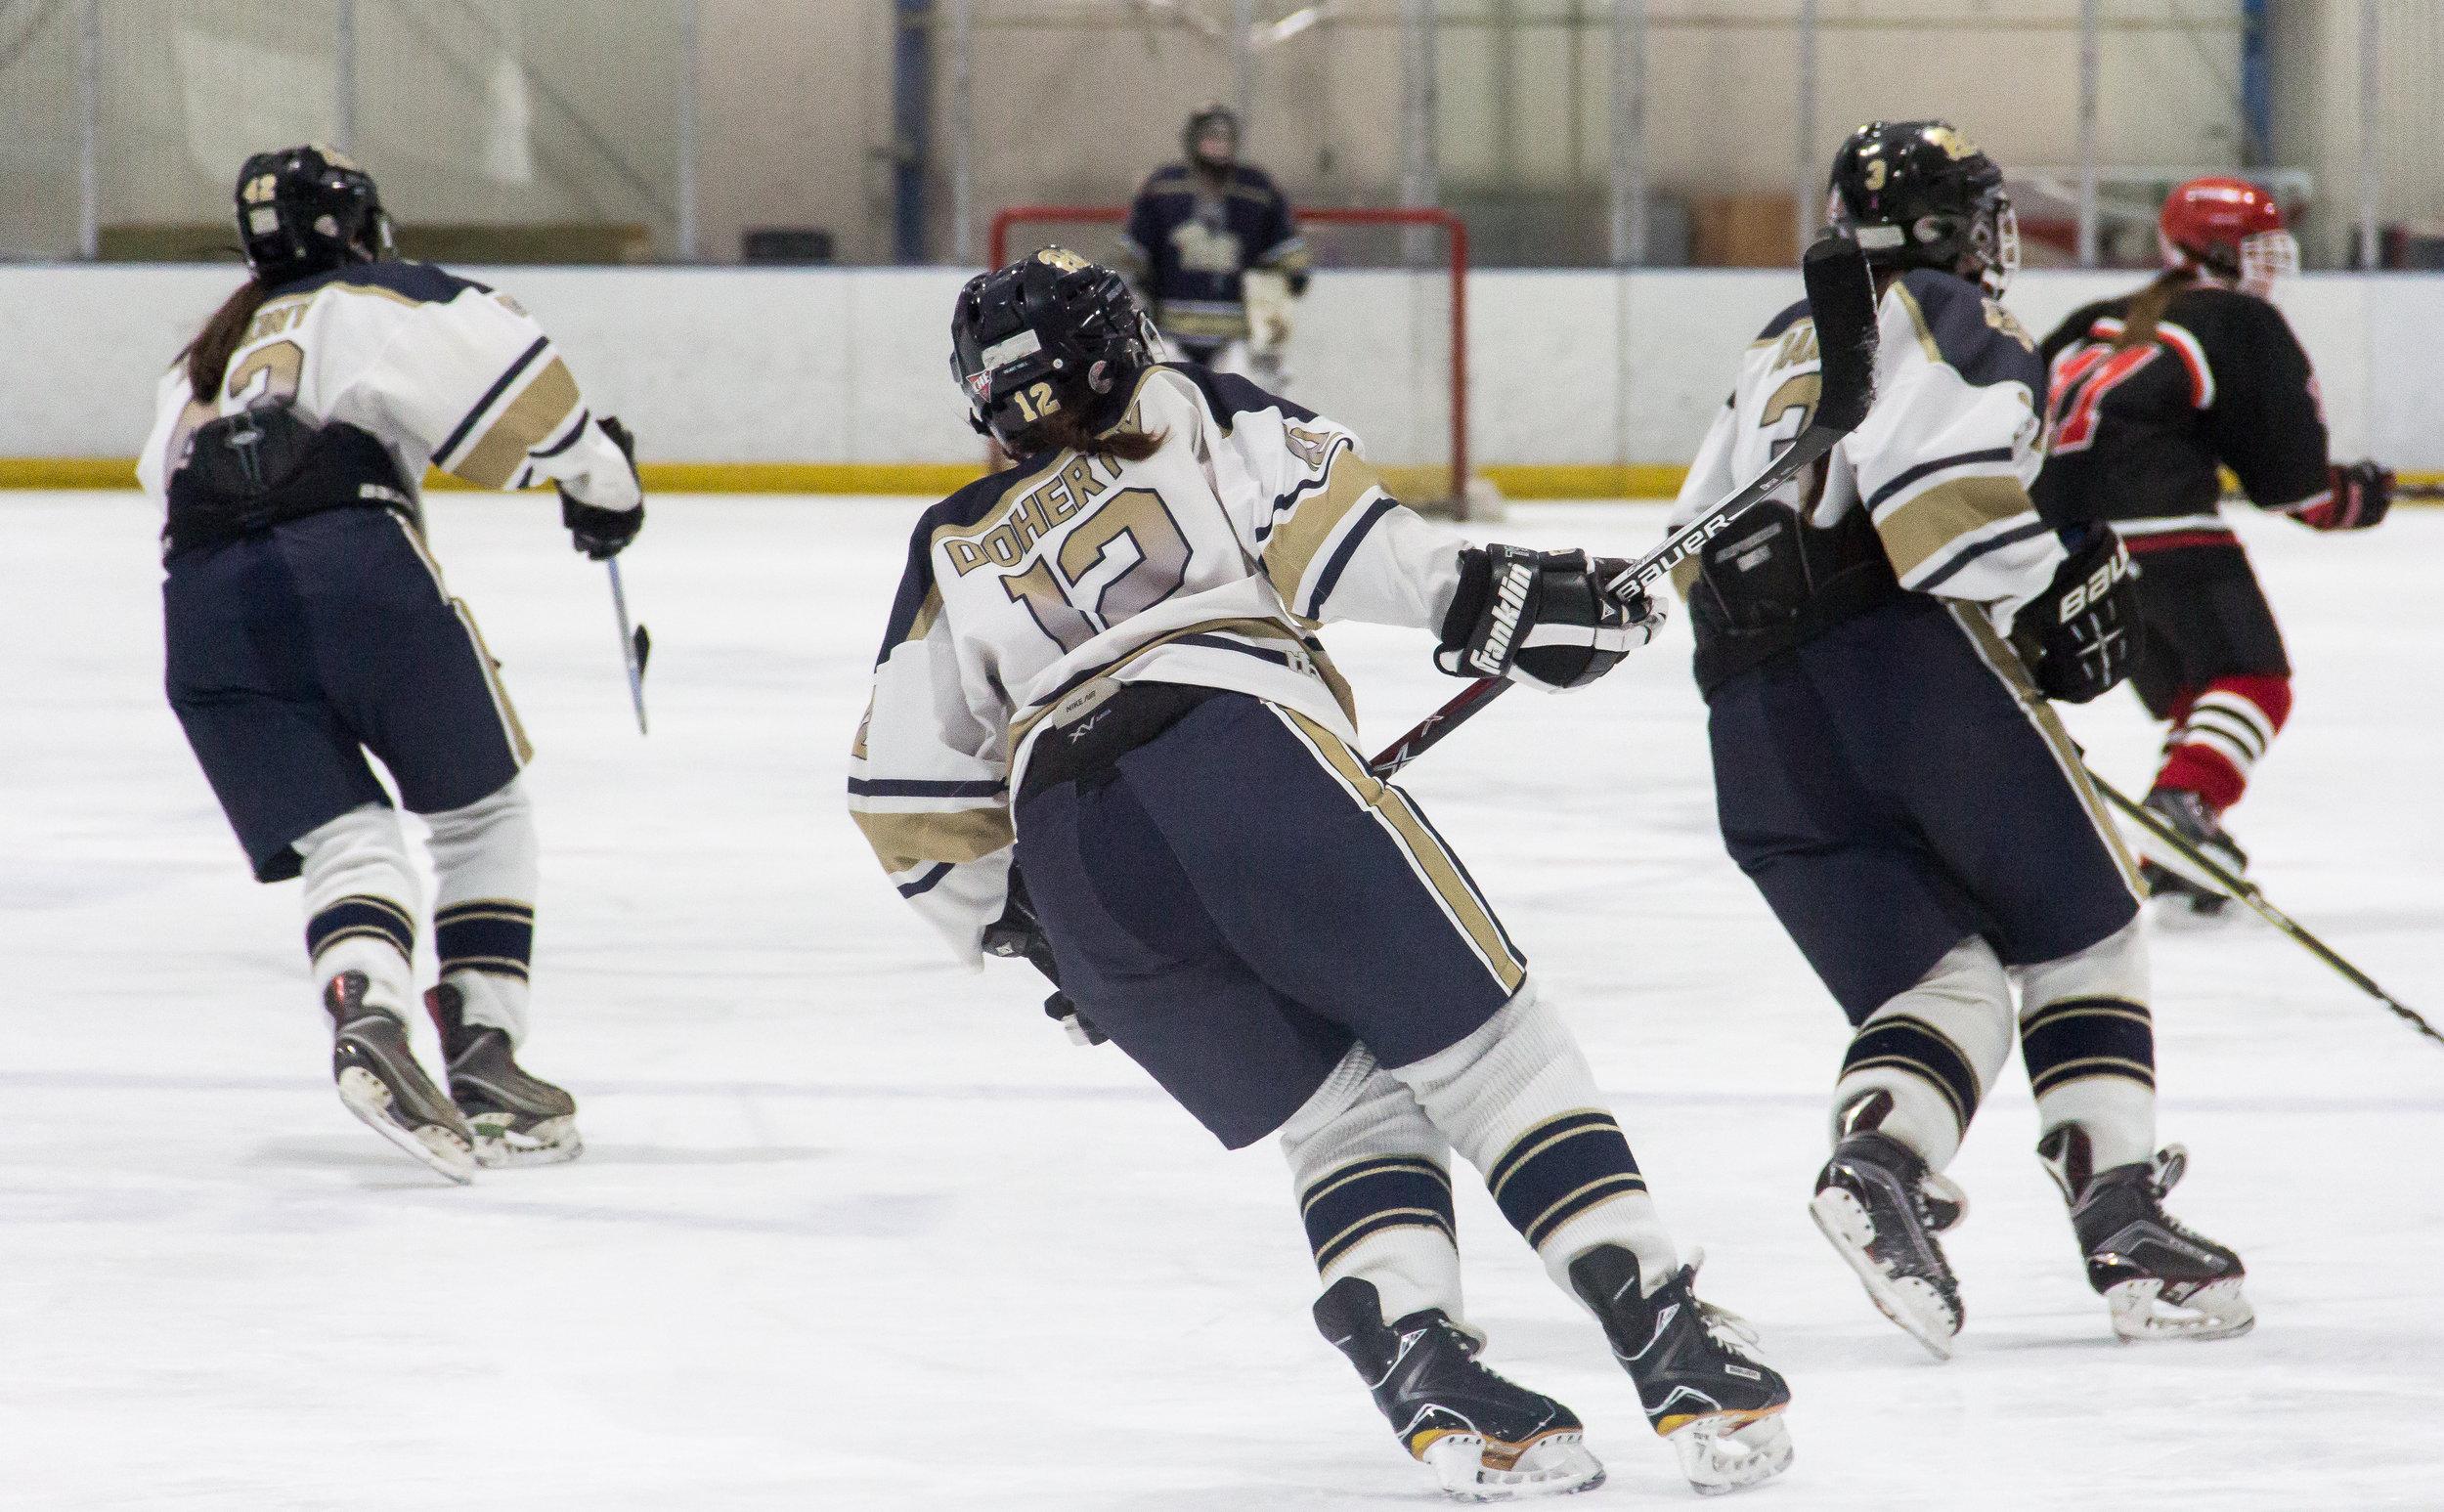 PittHockey-24.jpg